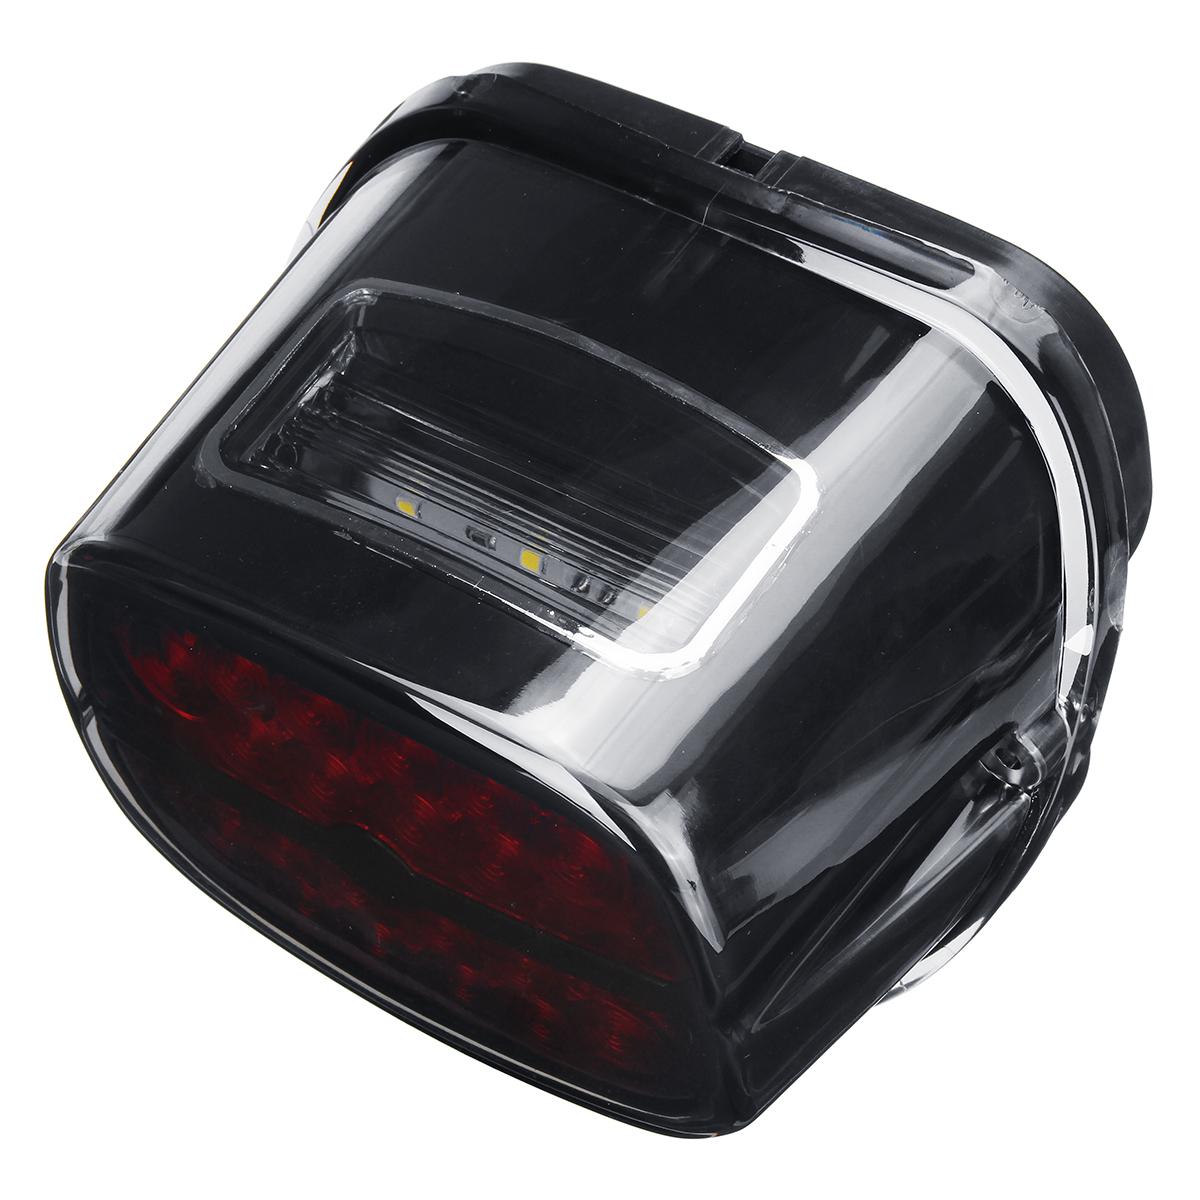 Black Smoke LED Motorcycle Tail Brake Light For Harley Davidson Electra Street Glide